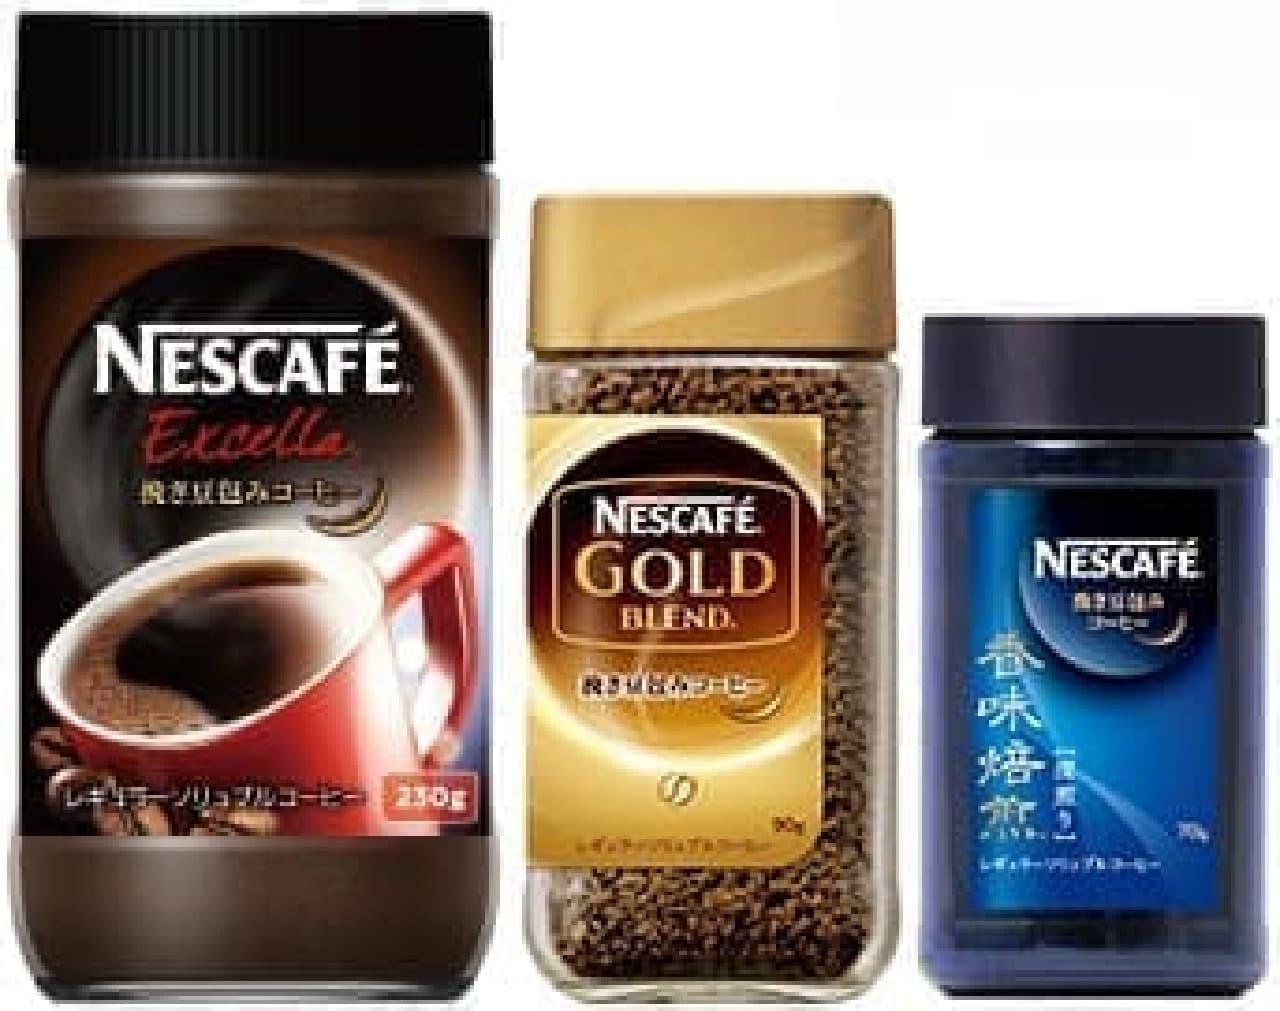 ネスレ、「インスタントコーヒー」という名称を「レギュラー ...